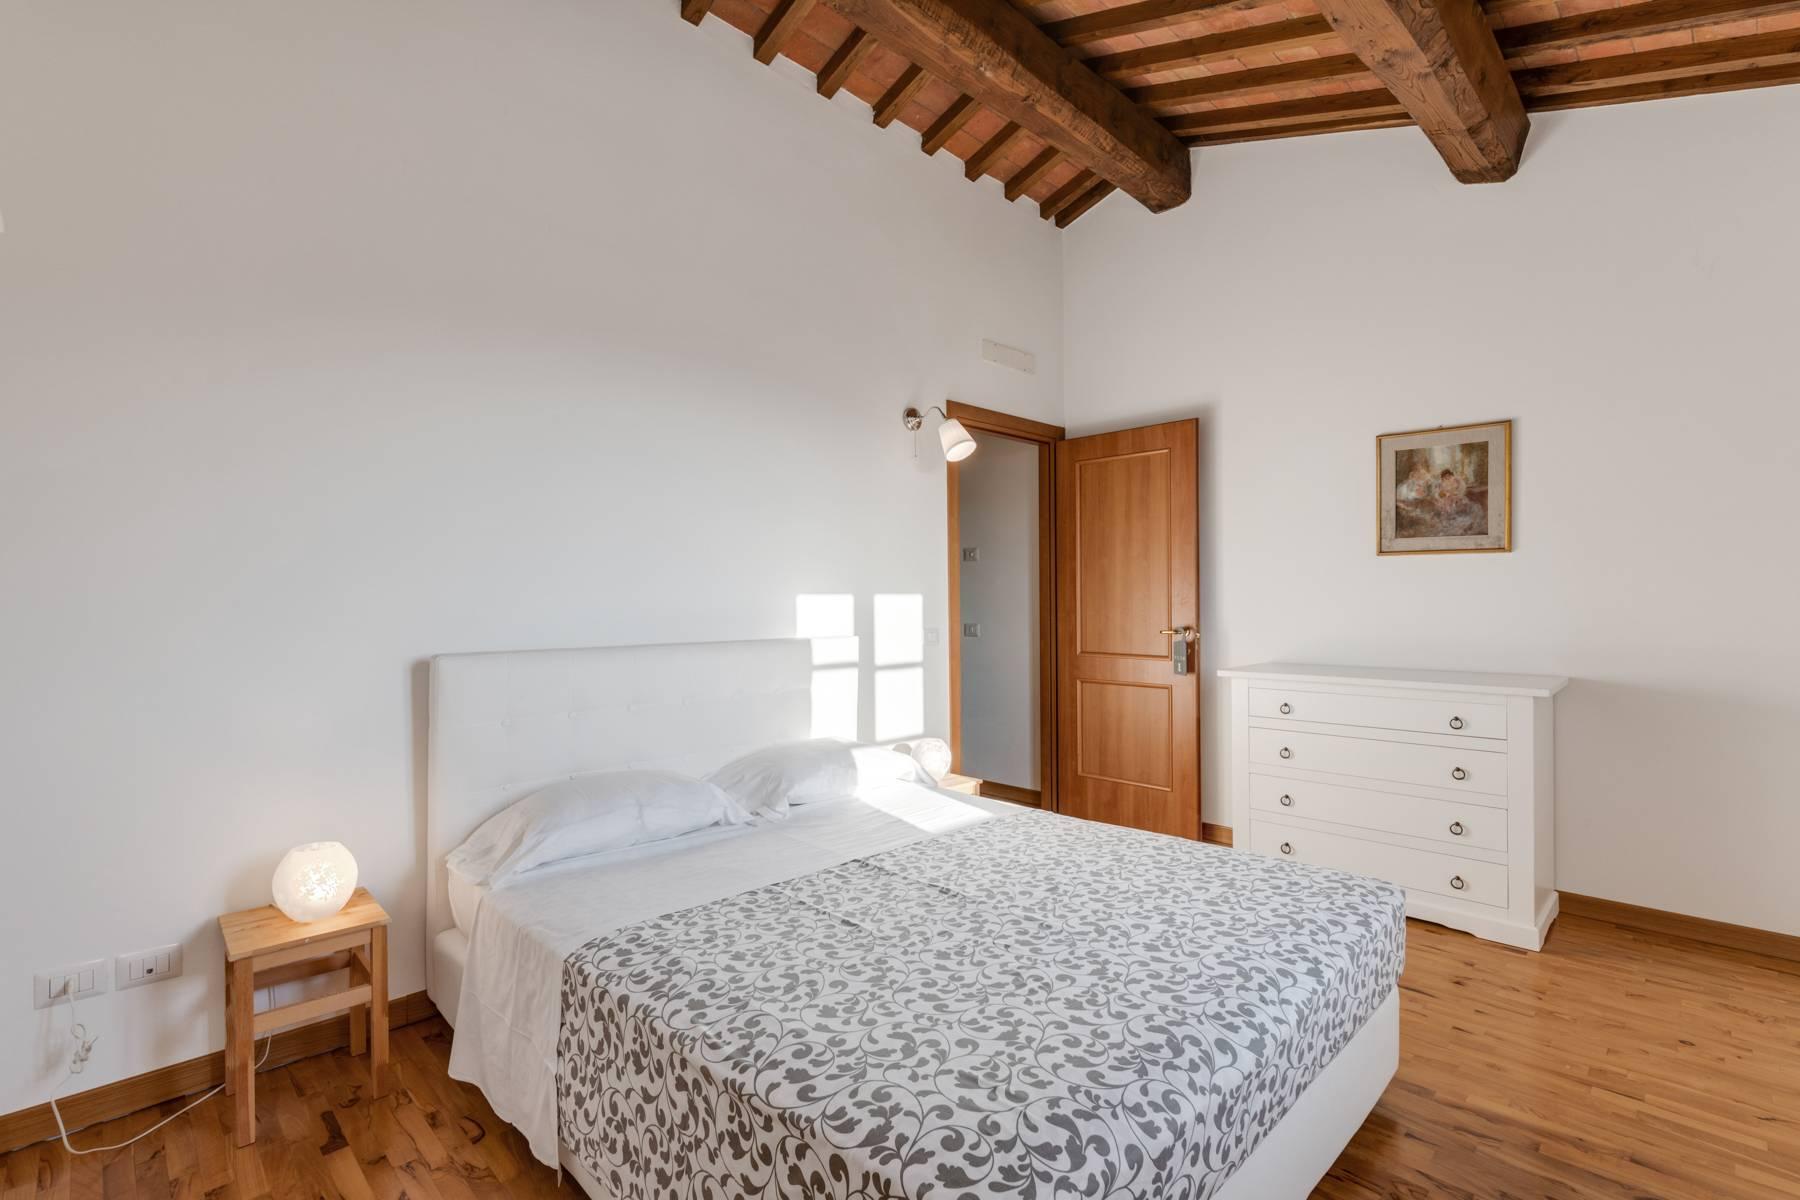 Rustico in Vendita a Monsummano Terme: 5 locali, 380 mq - Foto 18